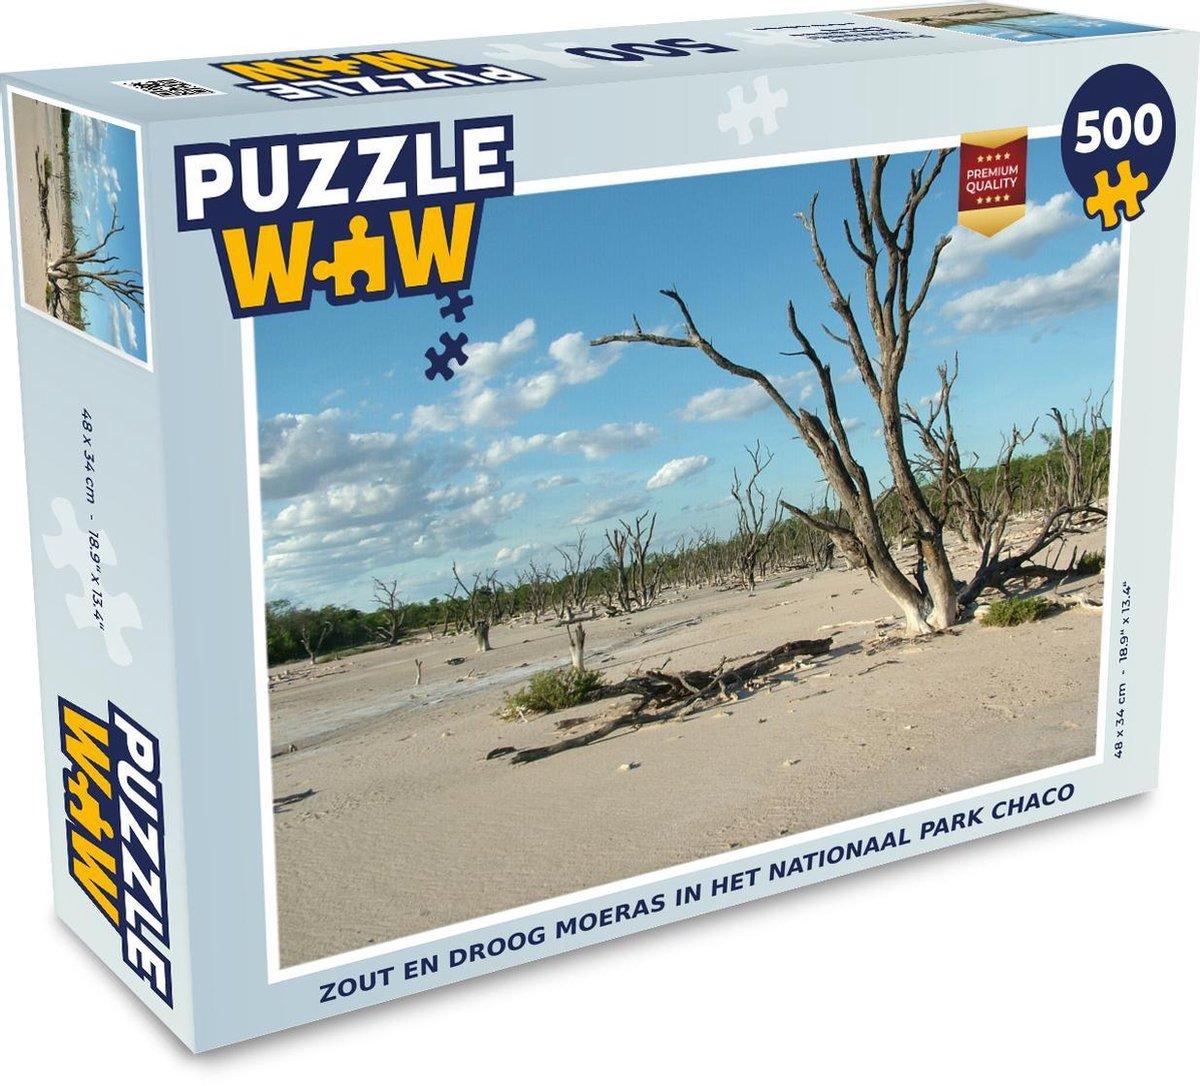 Puzzel 500 stukjes Nationaal park Chaco - Zout en droog moeras in het Nationaal park Chaco  - PuzzleWow heeft +100000 puzzels